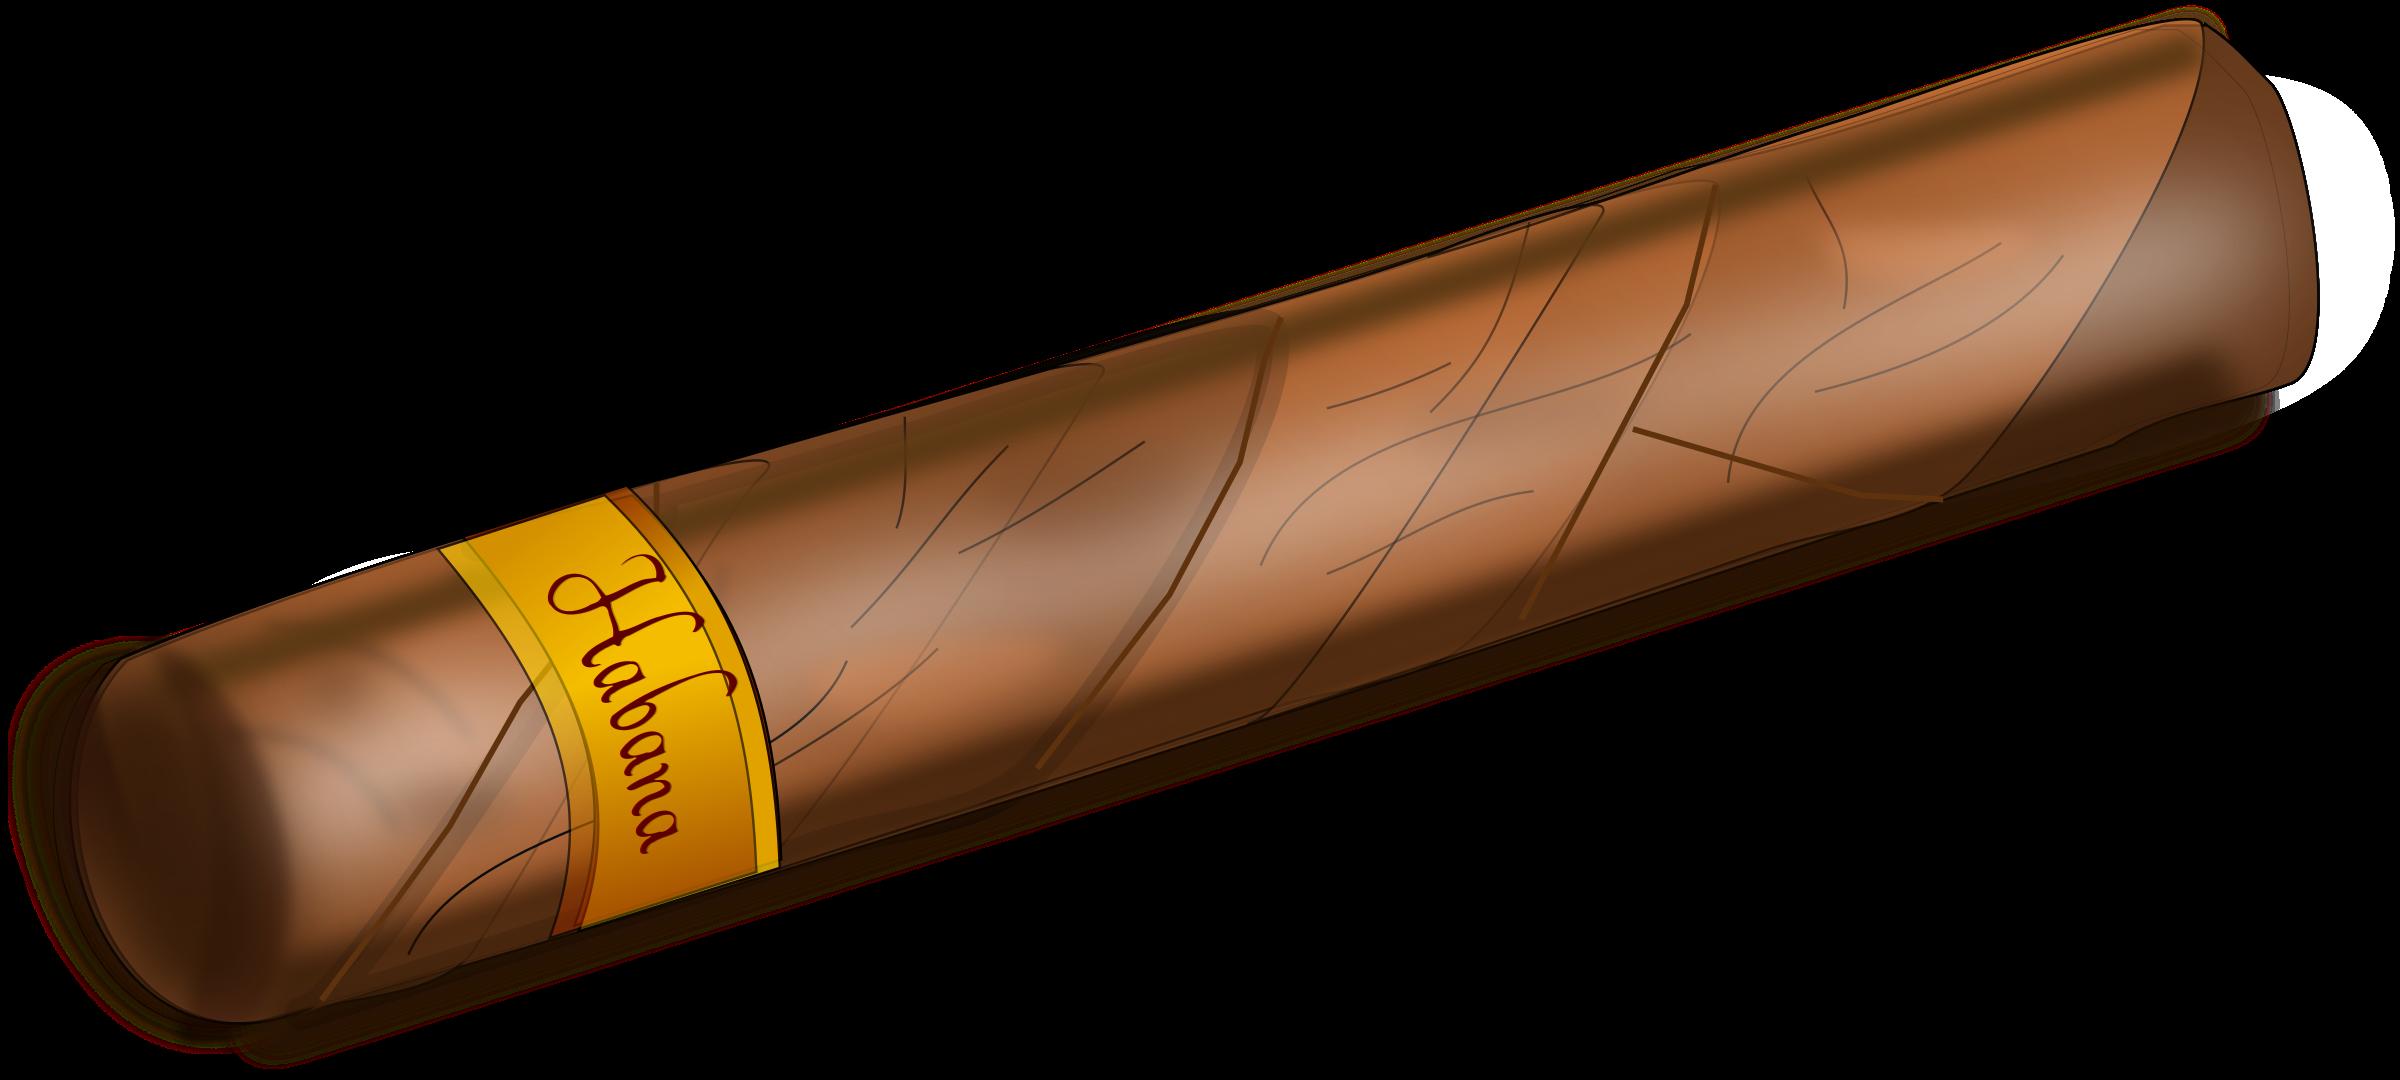 Cuban big image png. Cigar clipart svg